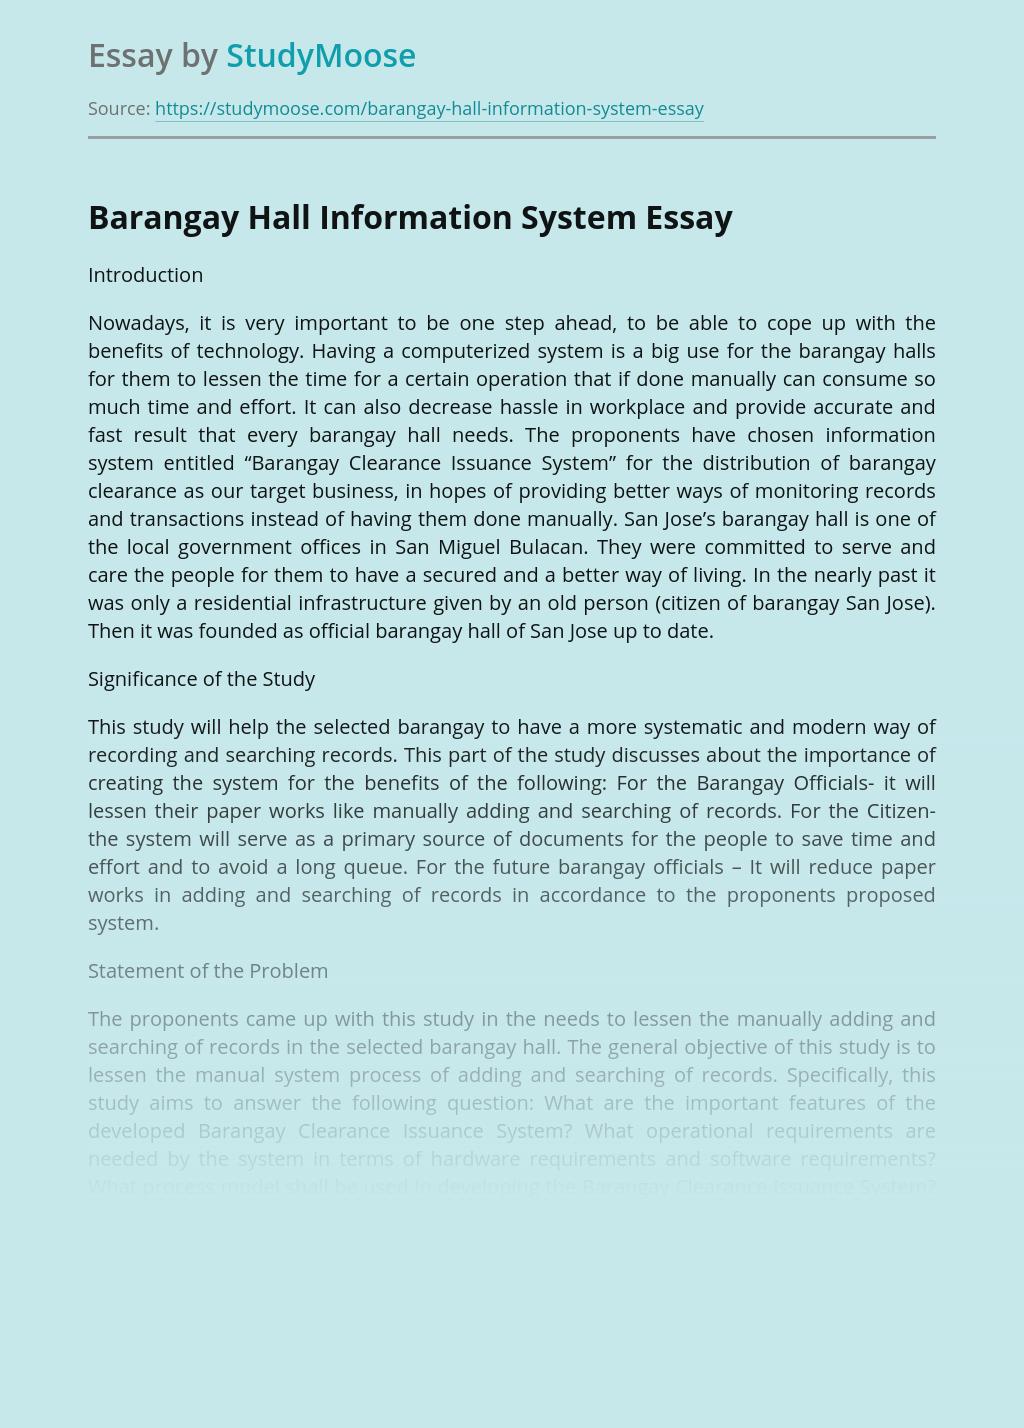 Barangay Hall Information System